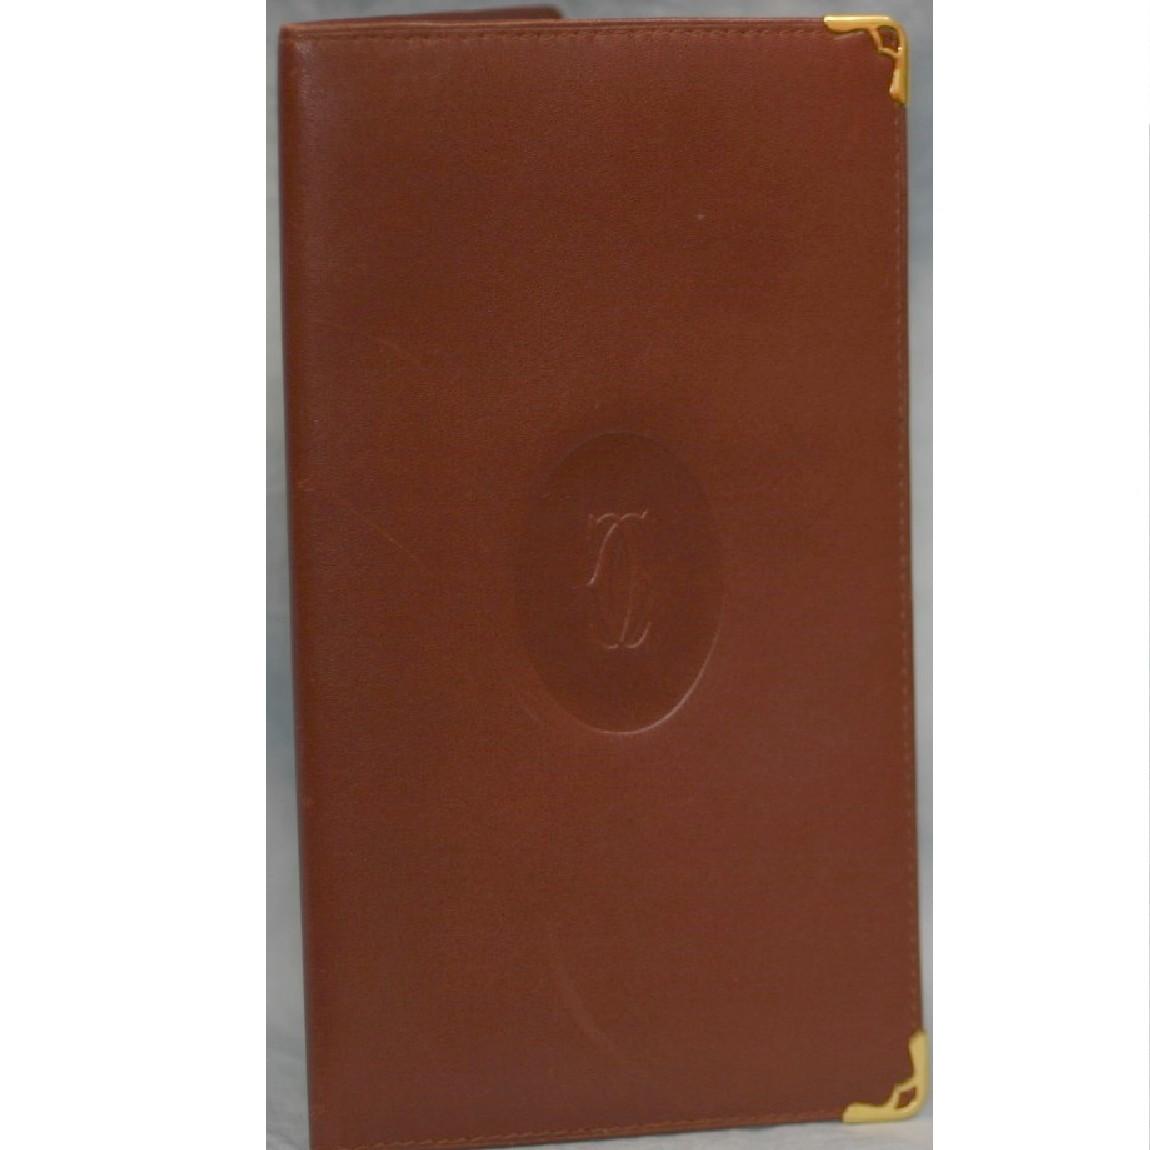 【中古】本物綺麗カルティエ紳士用19x10,8センチボルドー色長財布